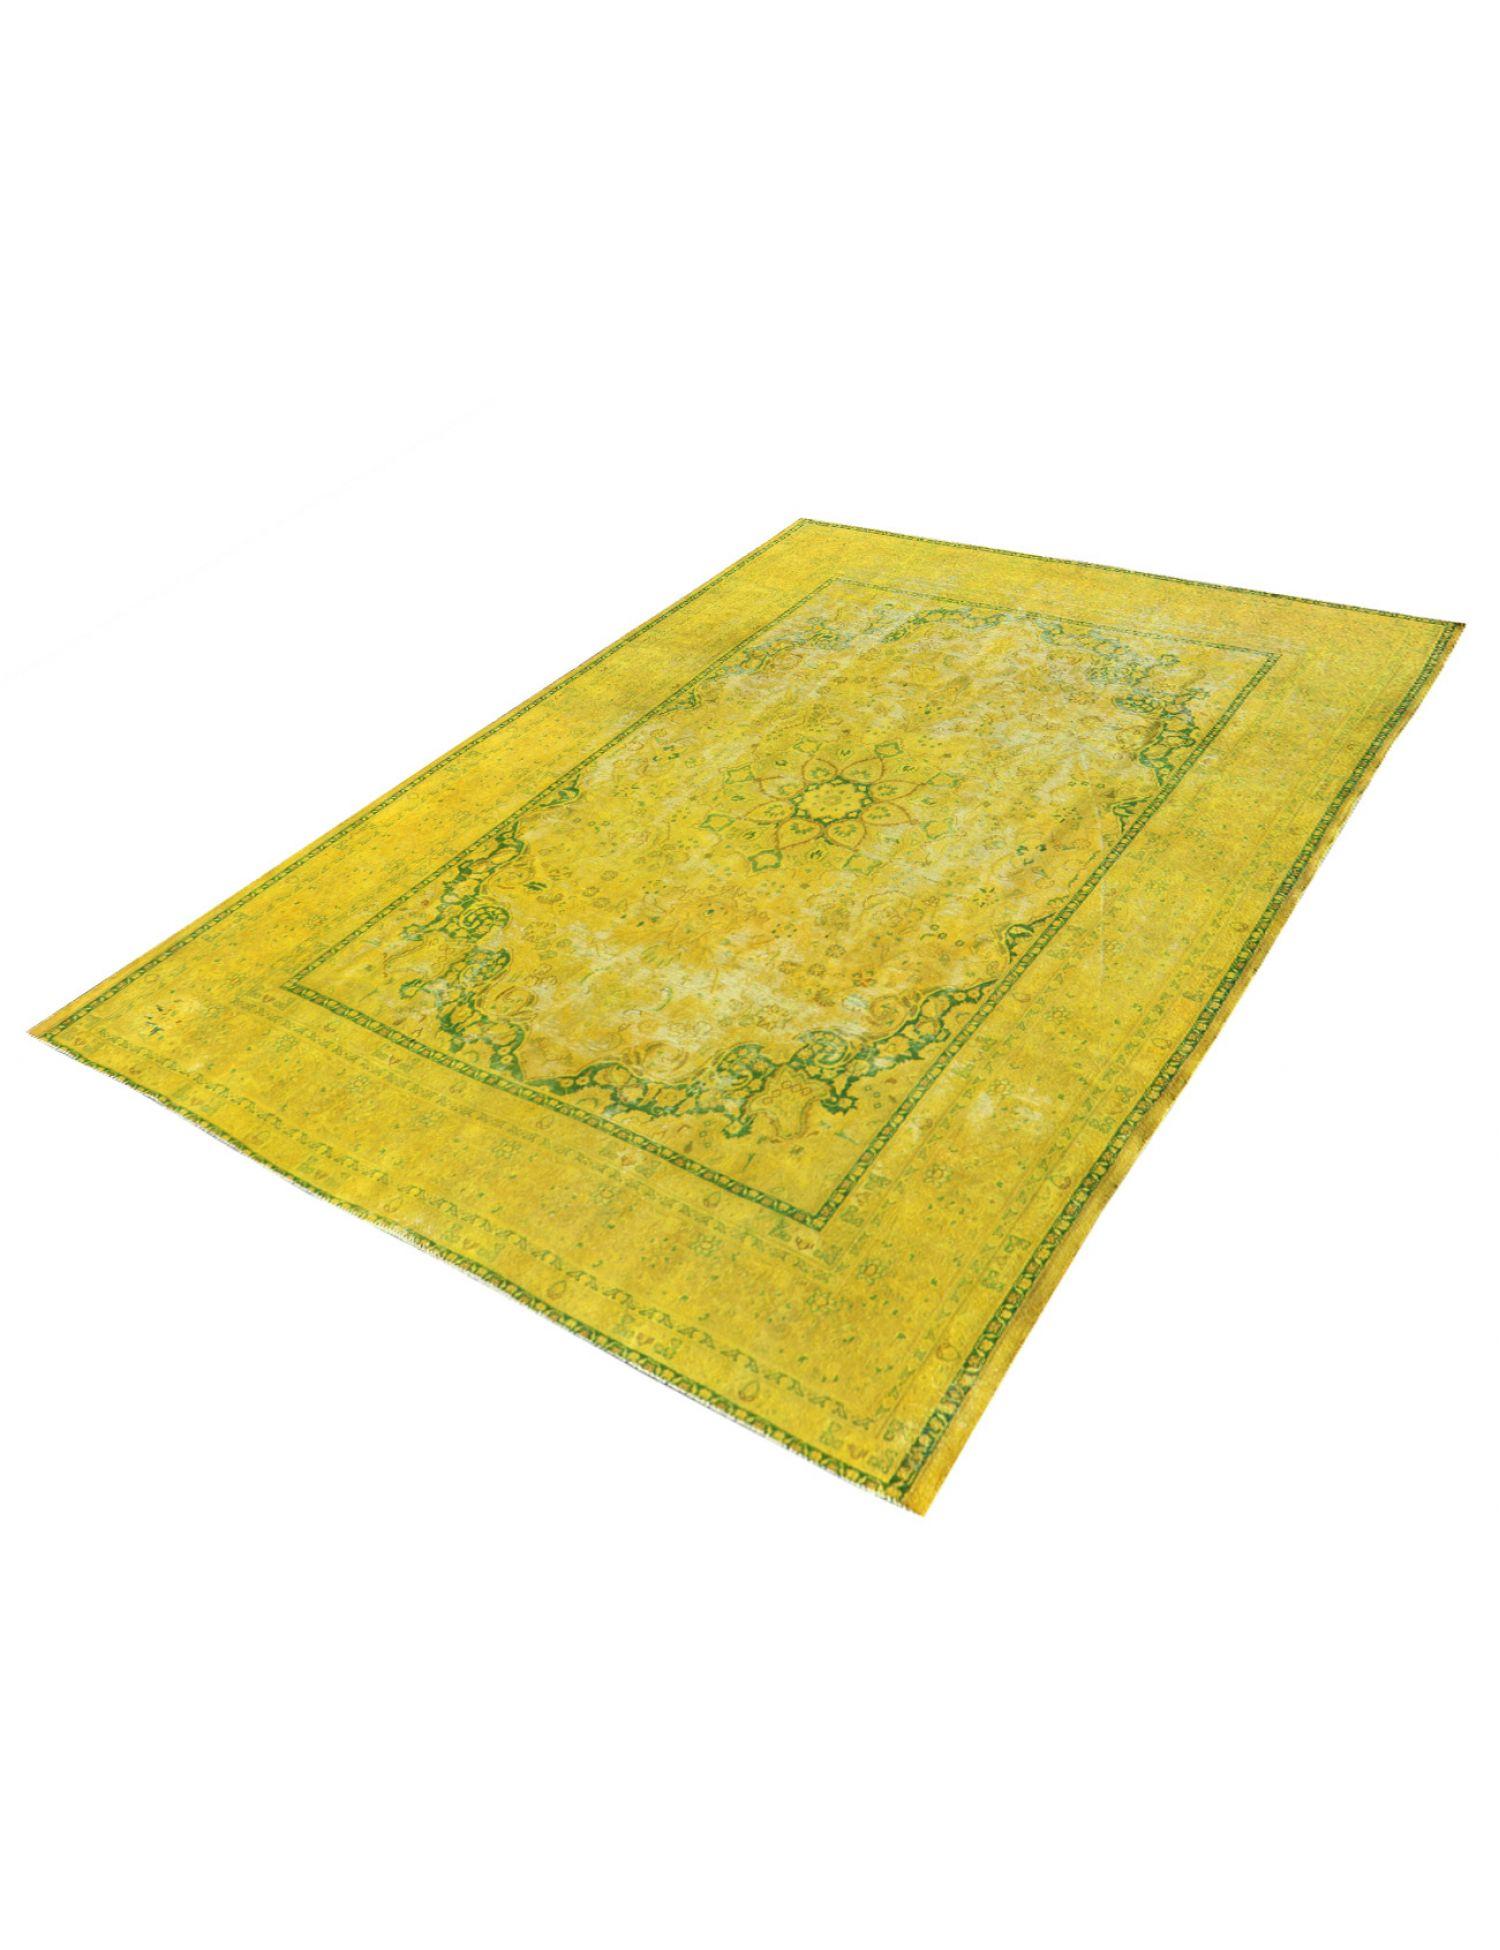 Tappeto Vintage  giallo <br/>377 x 292 cm